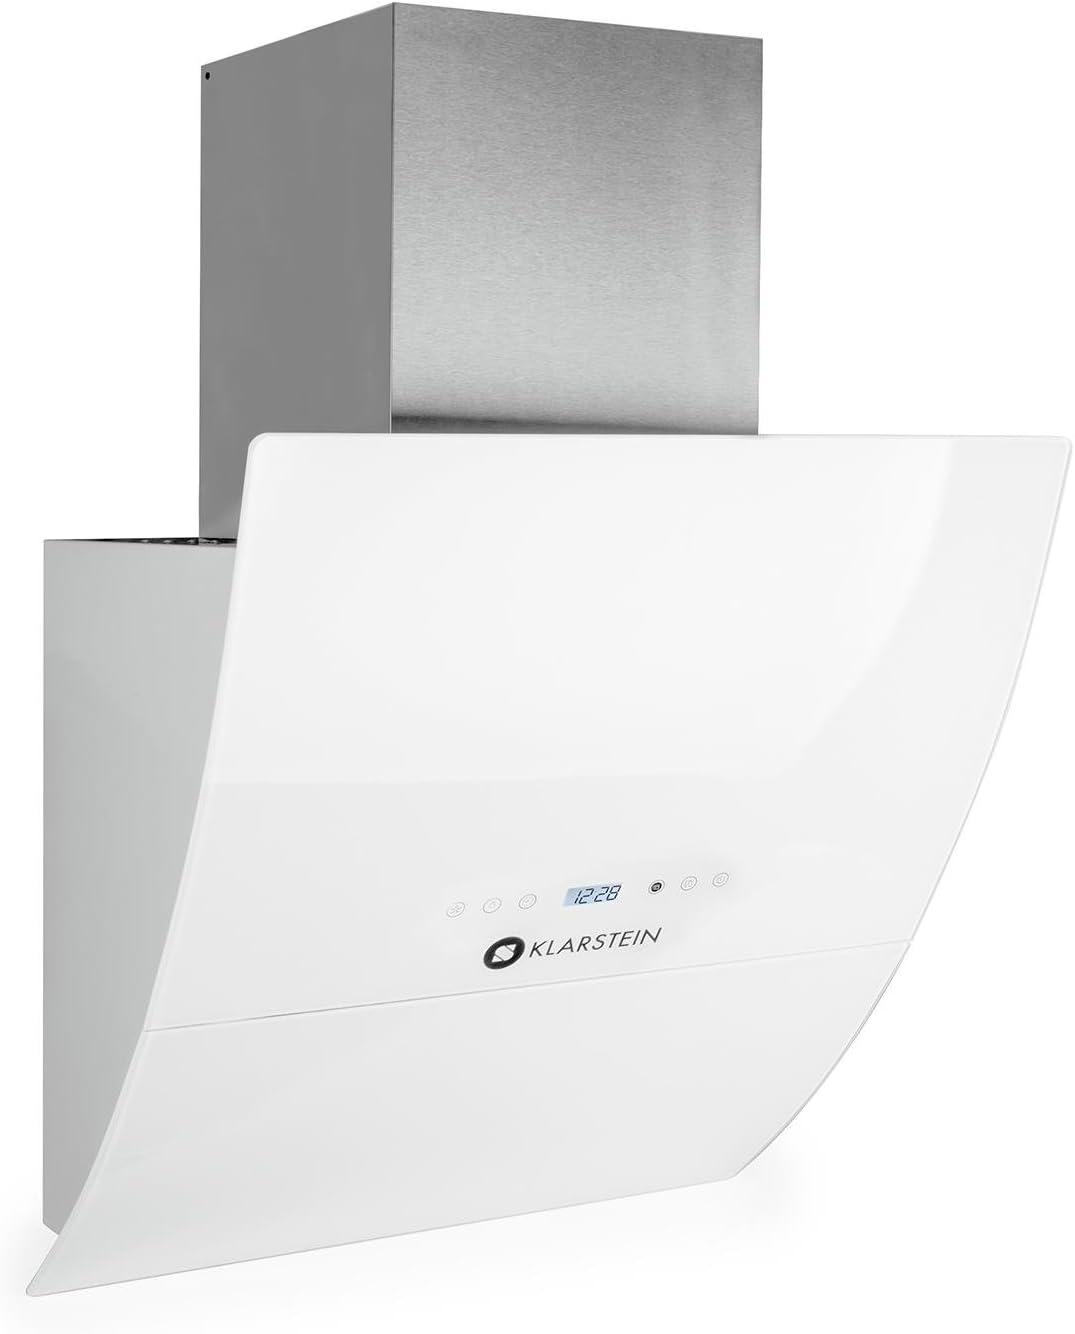 Klarstein Annabelle Eco 60 Campana extractora de pared - 60cm, Clase energética A, Función Aspiración/Ventilación, 3 Niveles potencia, 650 m³/h, Mando a distancia, Control táctil, LED, Blanco